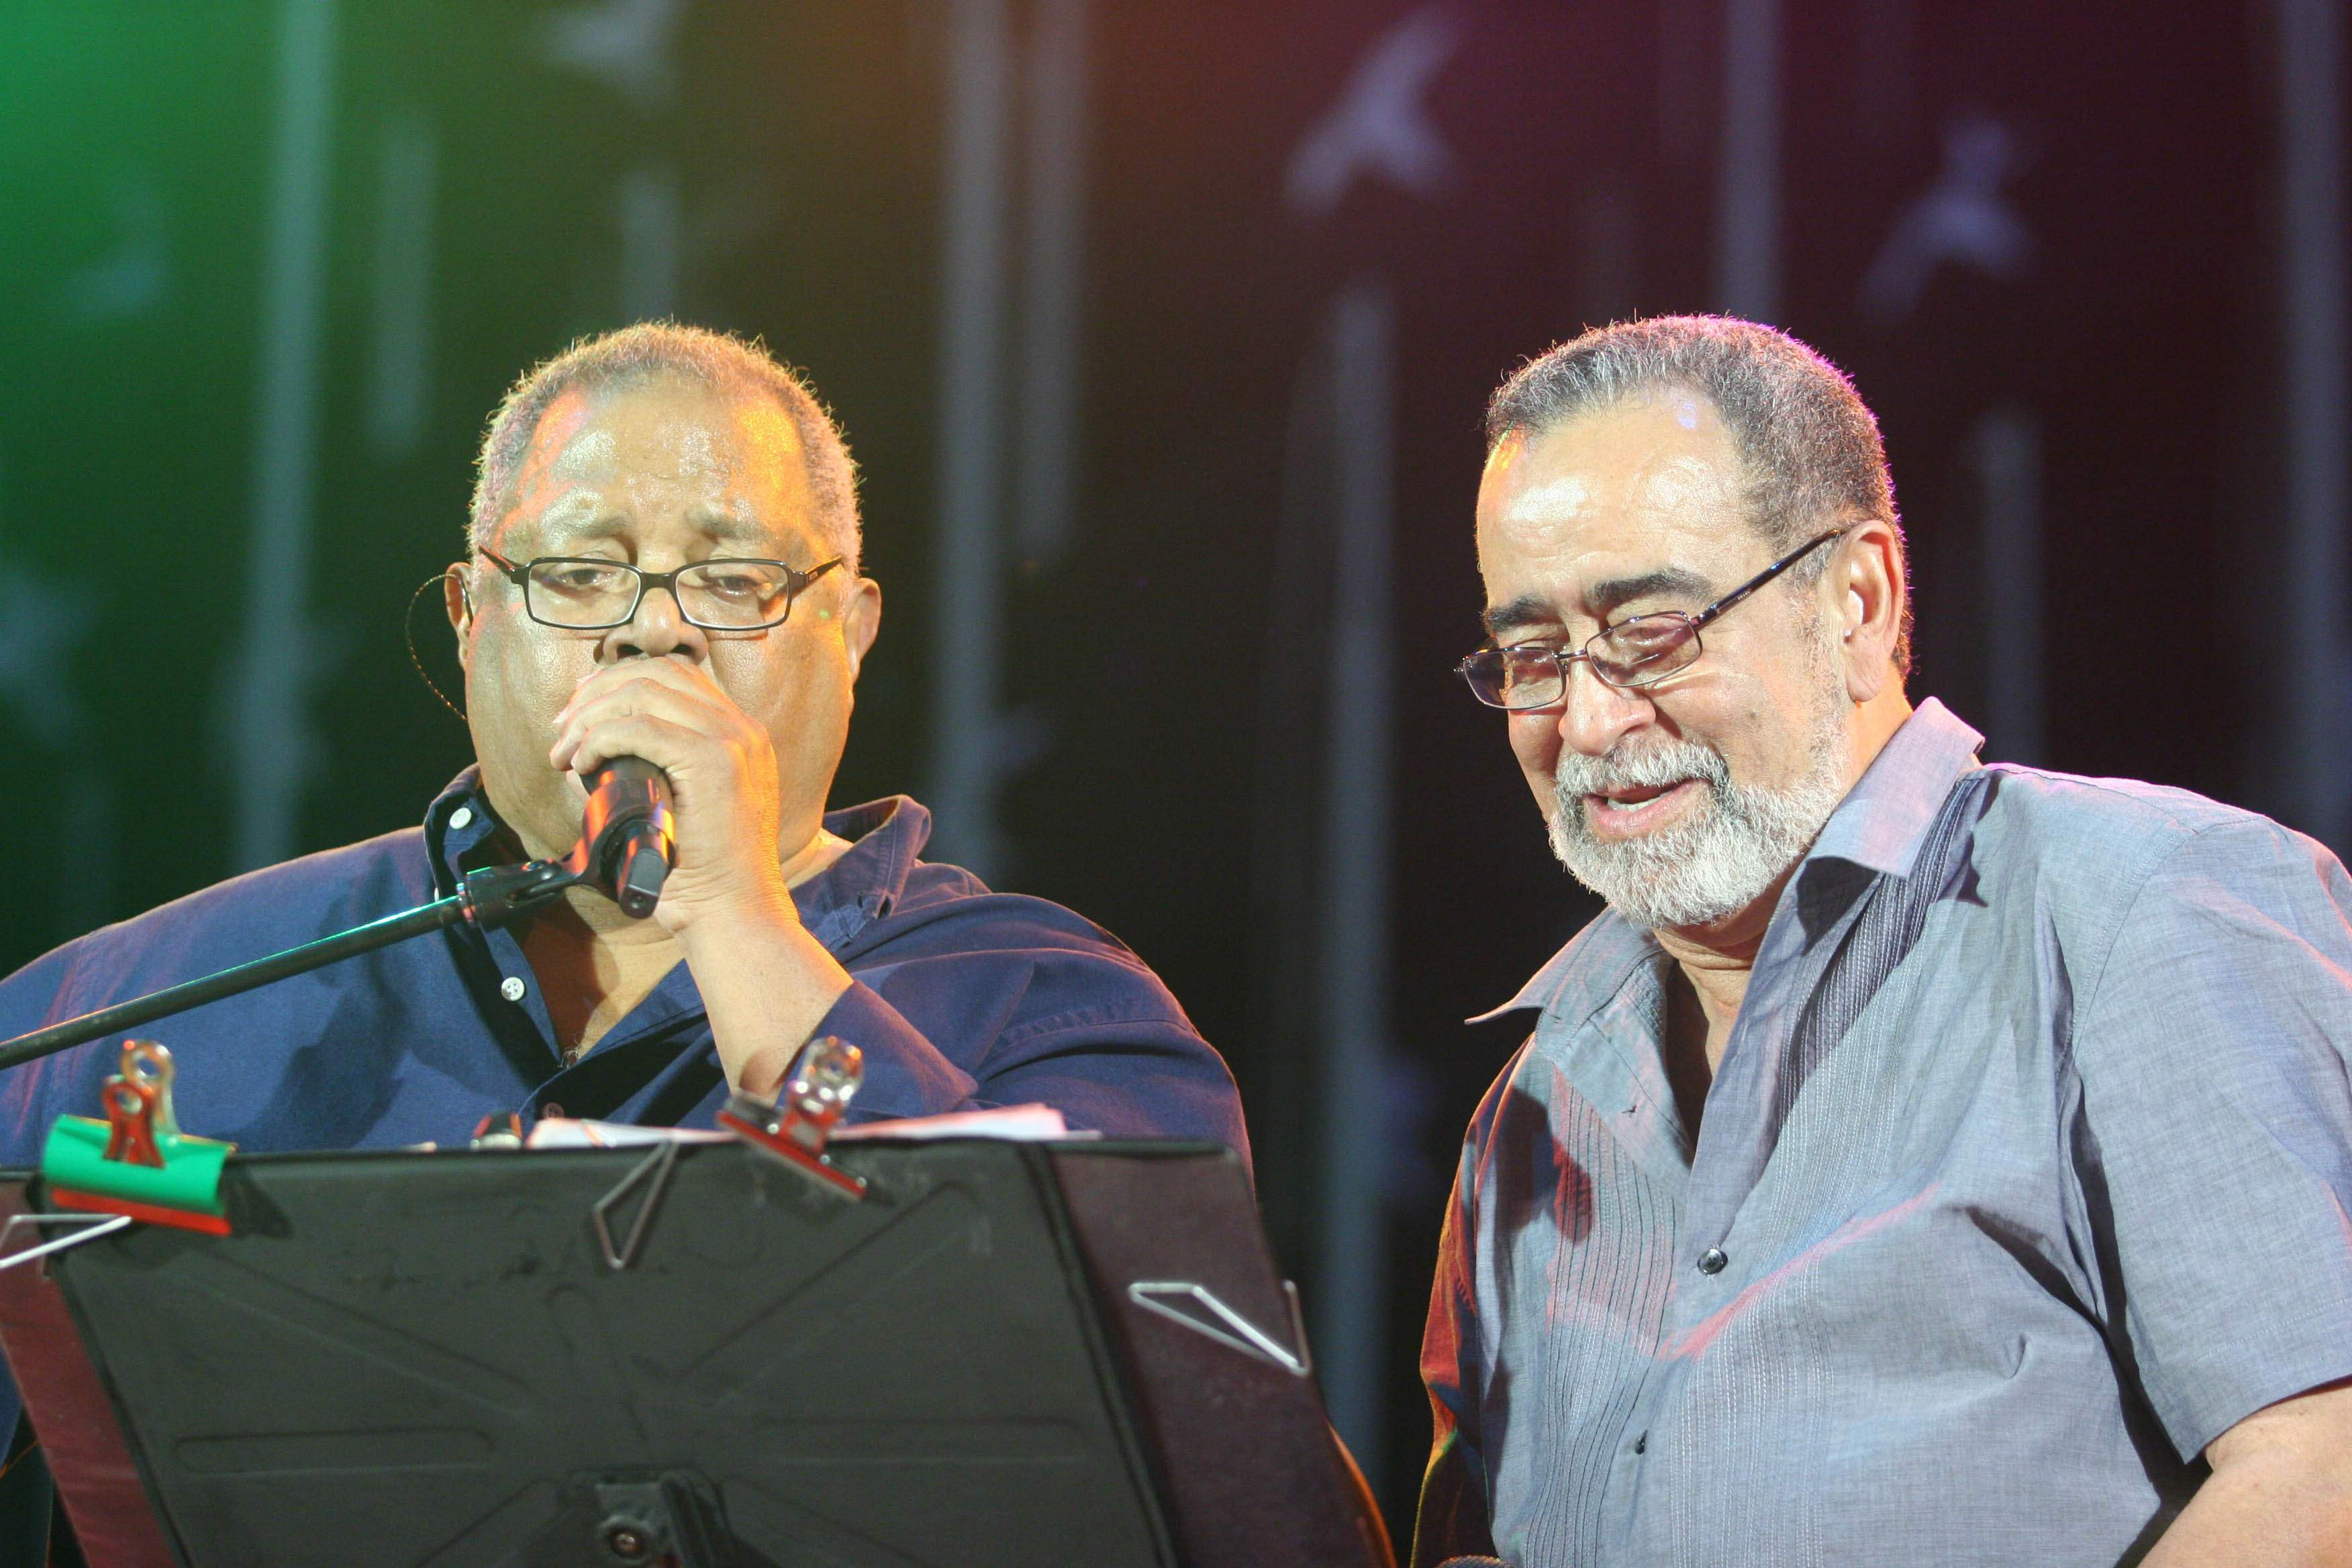 Pablito junto al cantante boricua Andy Montañes